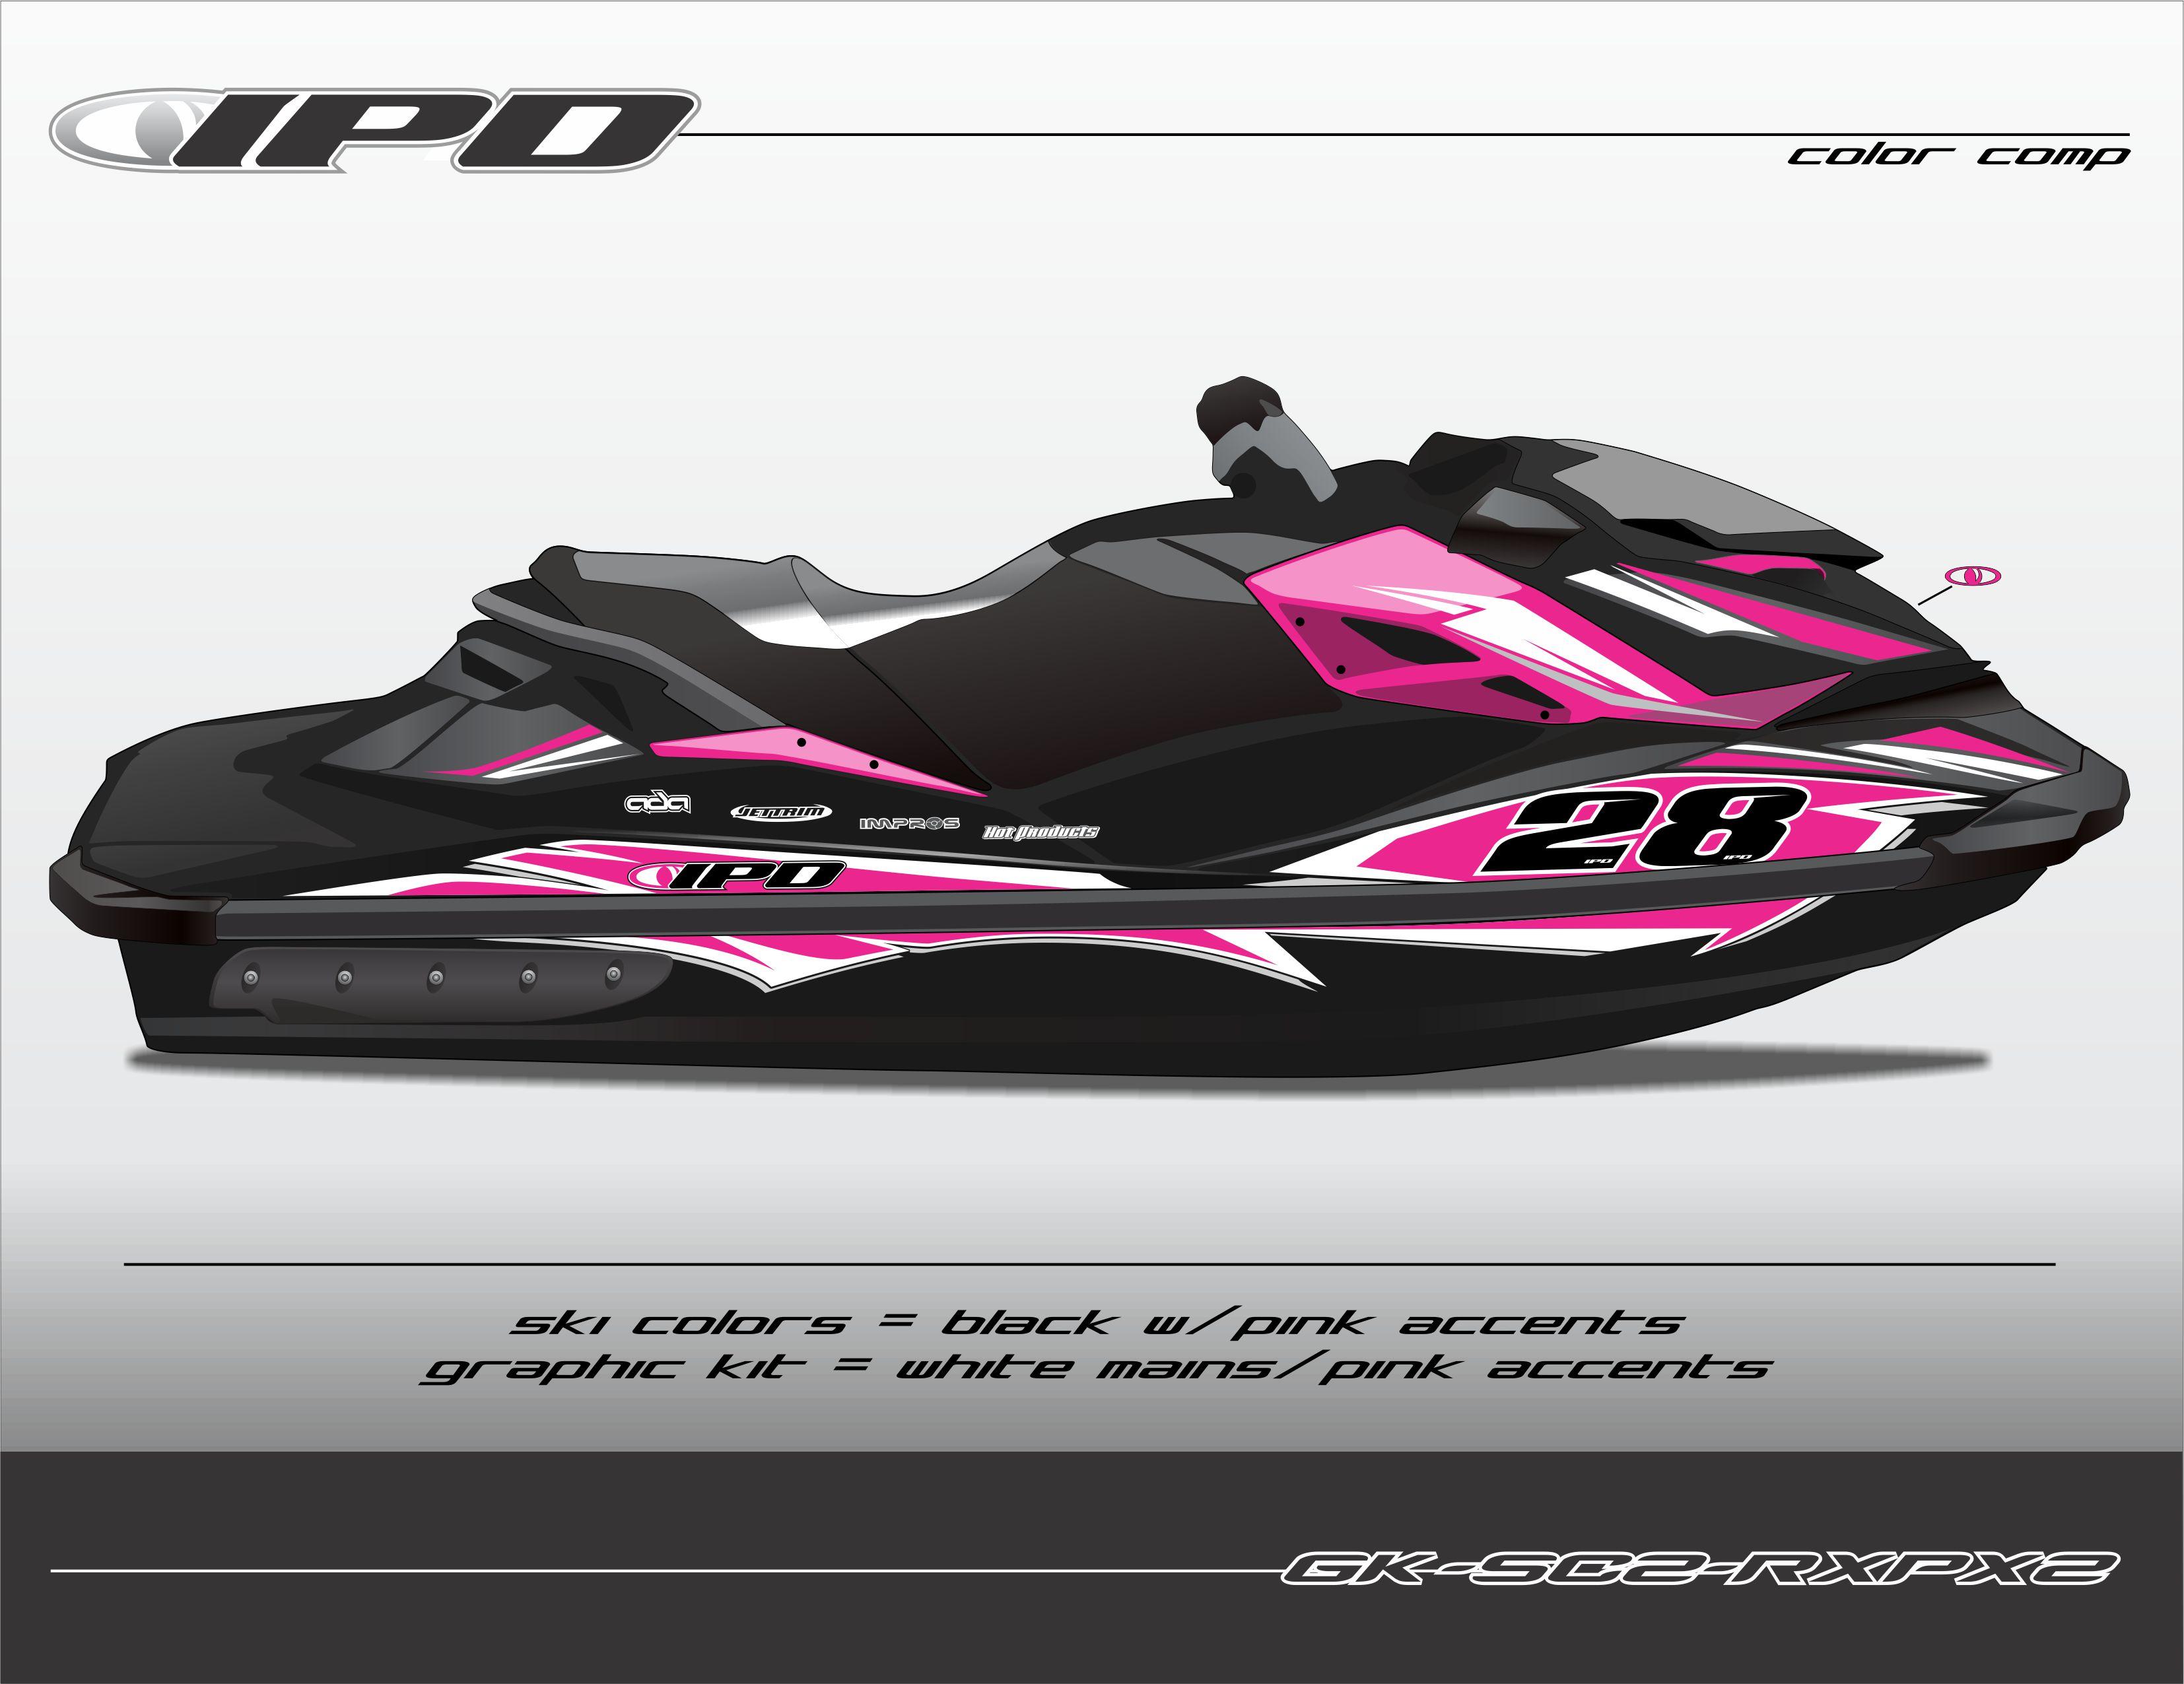 Yamaha Jet Ski For Sale >> Sea-Doo RXP-X 260 & 300 Graphics Kit (SC2 Design) – IPD ...